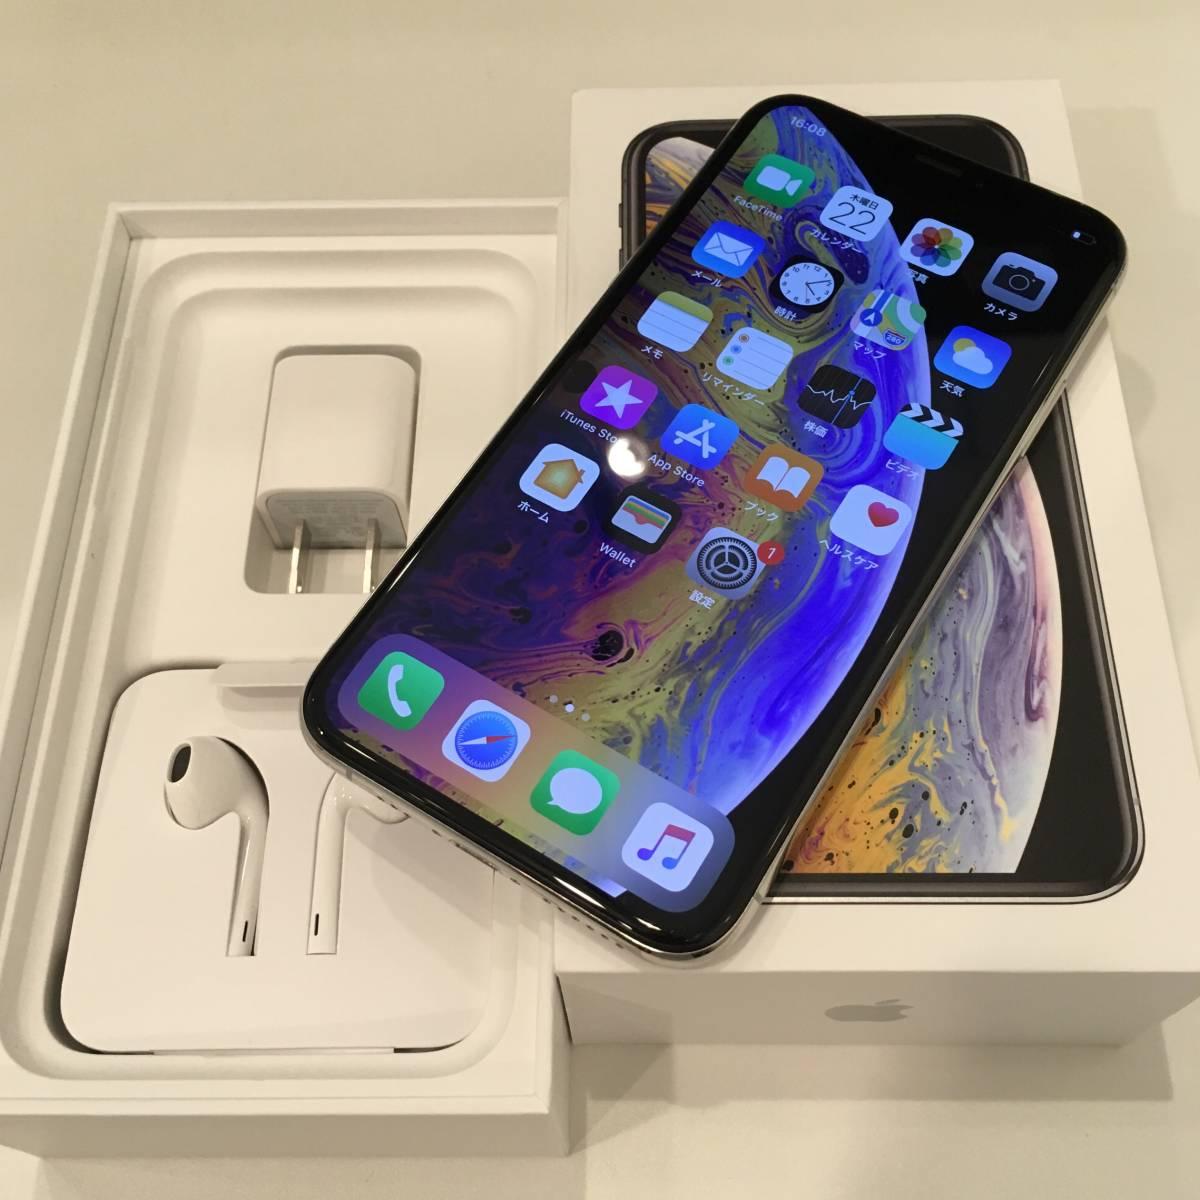 【中古 美品】SIMロック解除済 docomo iPhone XS 256GB シルバー 利用制限前〇 MTE12J/A iOS Ver12.1.4 バッテリー最大容量100%